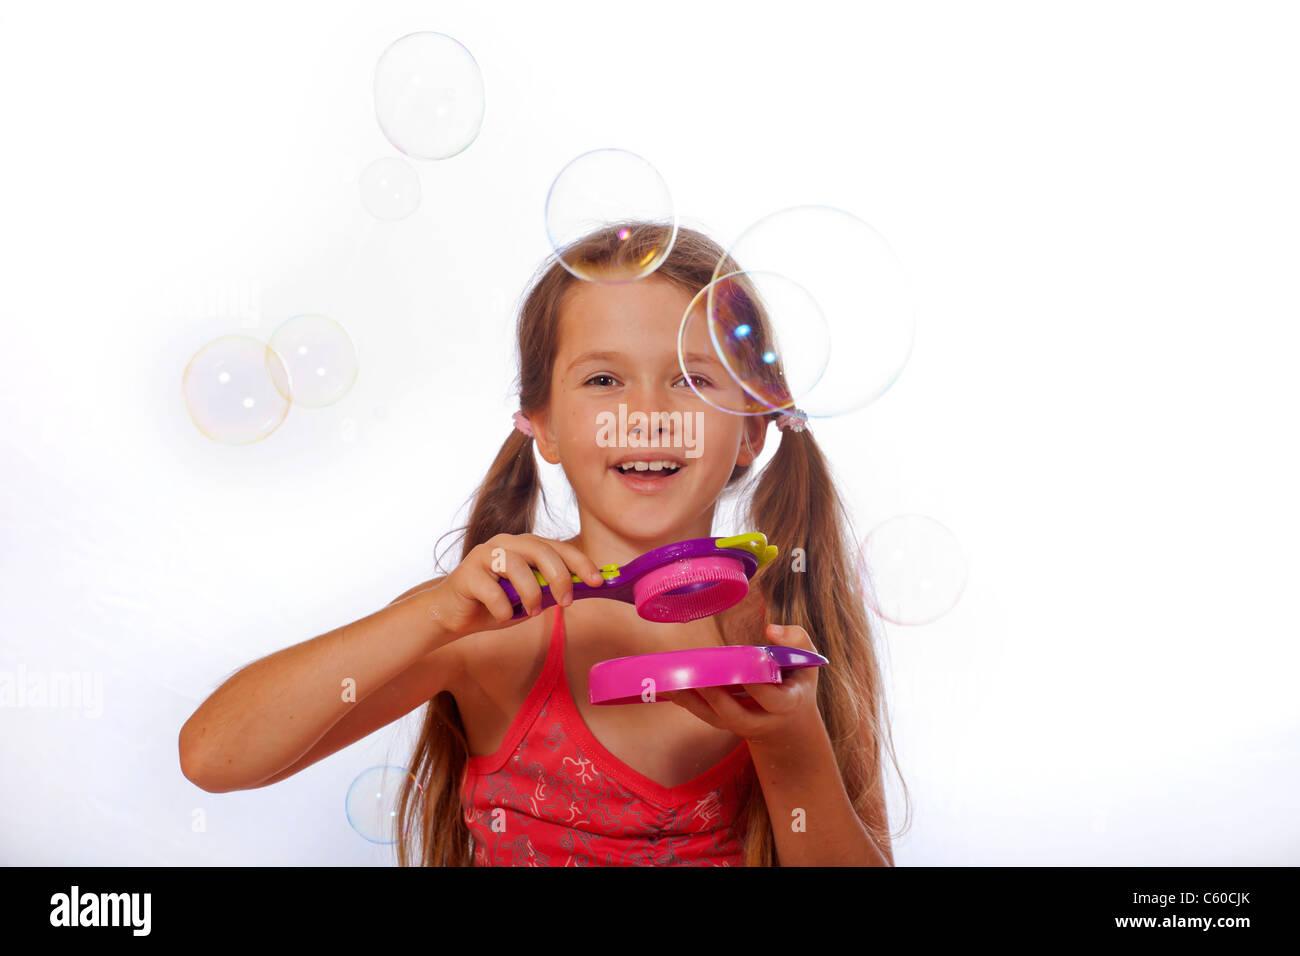 acht Jahre alten Mädchen spielt mit Seifenblasen Stockbild